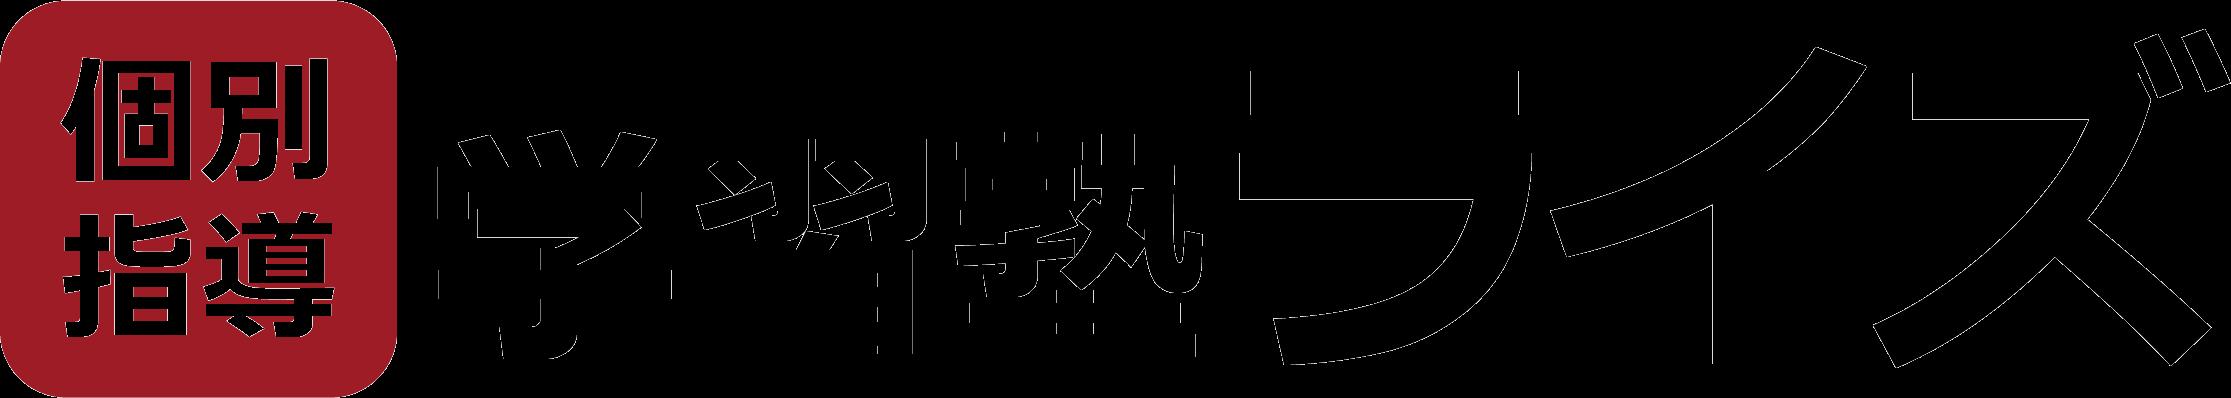 函館市元町の個別指導塾【学習塾ライズ】